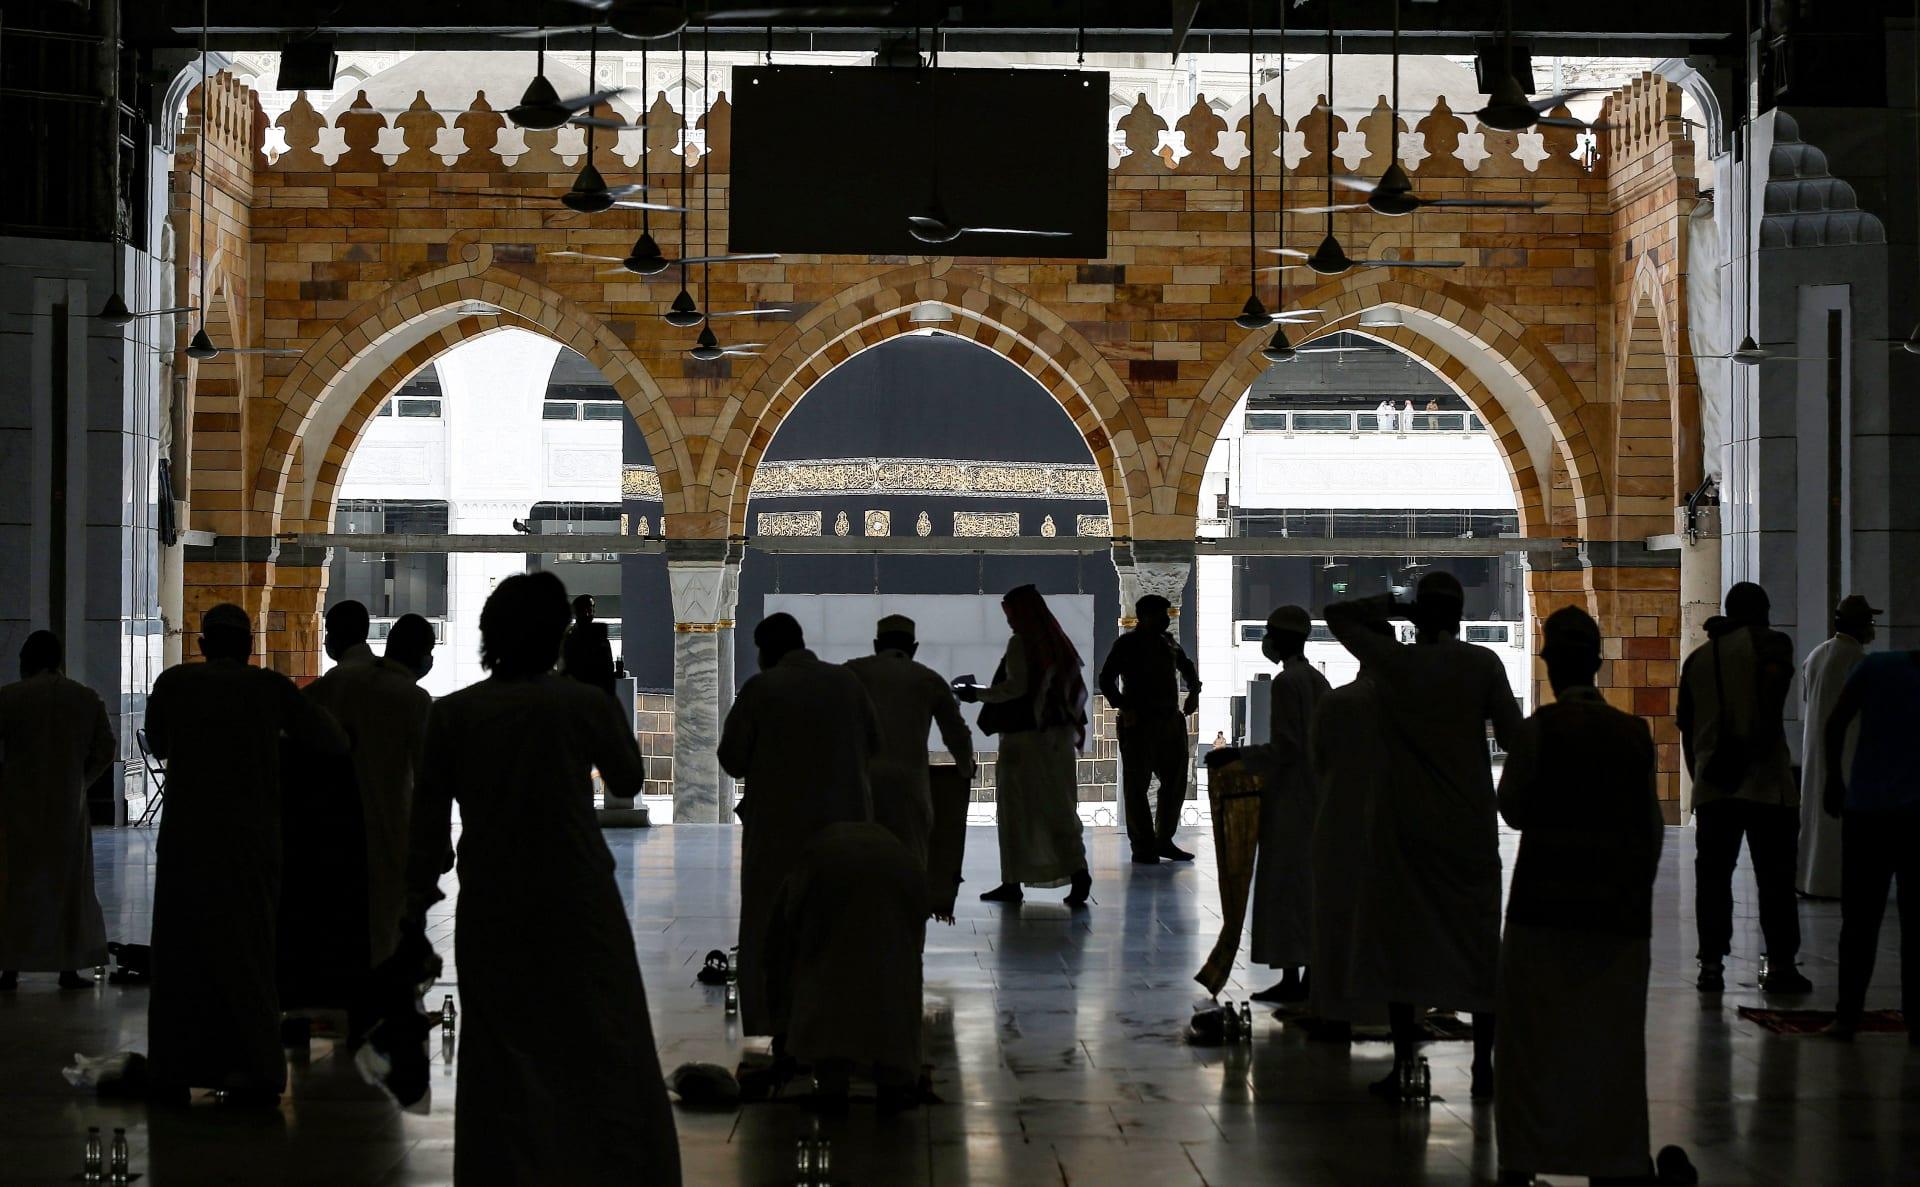 السلطات السعودية تعلن القبض على شخص ردد عبارات مؤيدة لتنظيم داعش في الحرم المكي